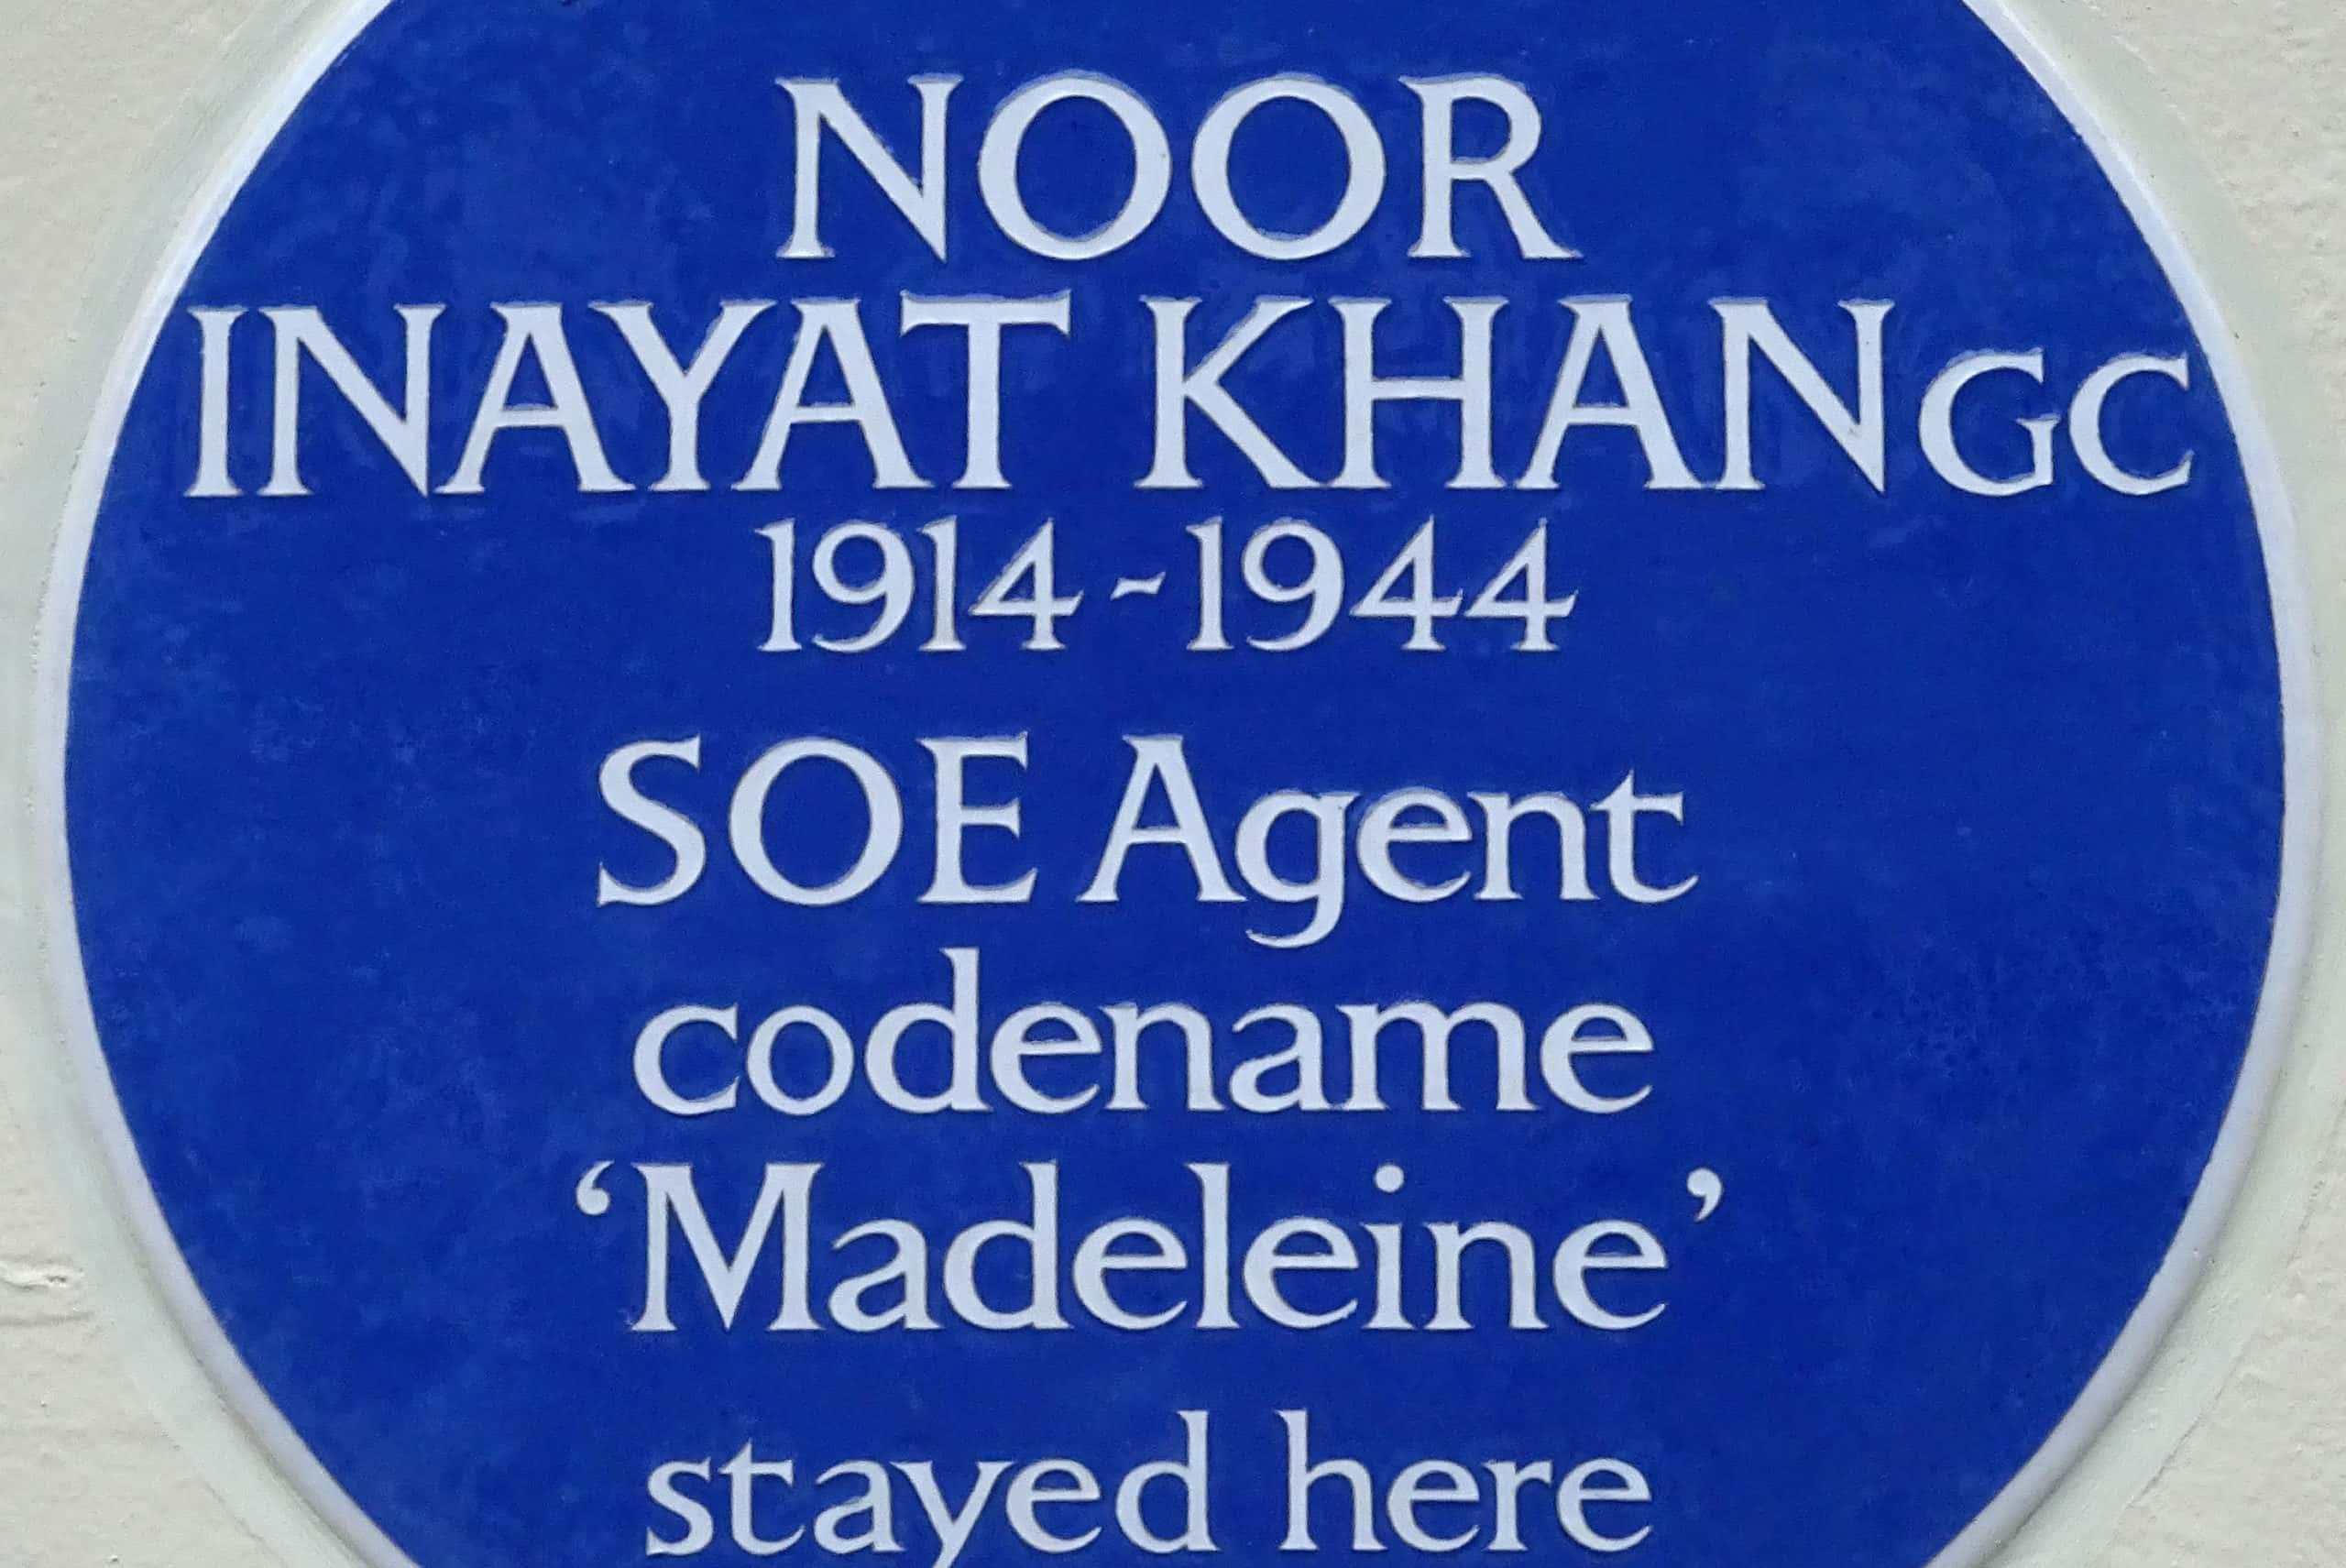 Noor Inayat Khan facts